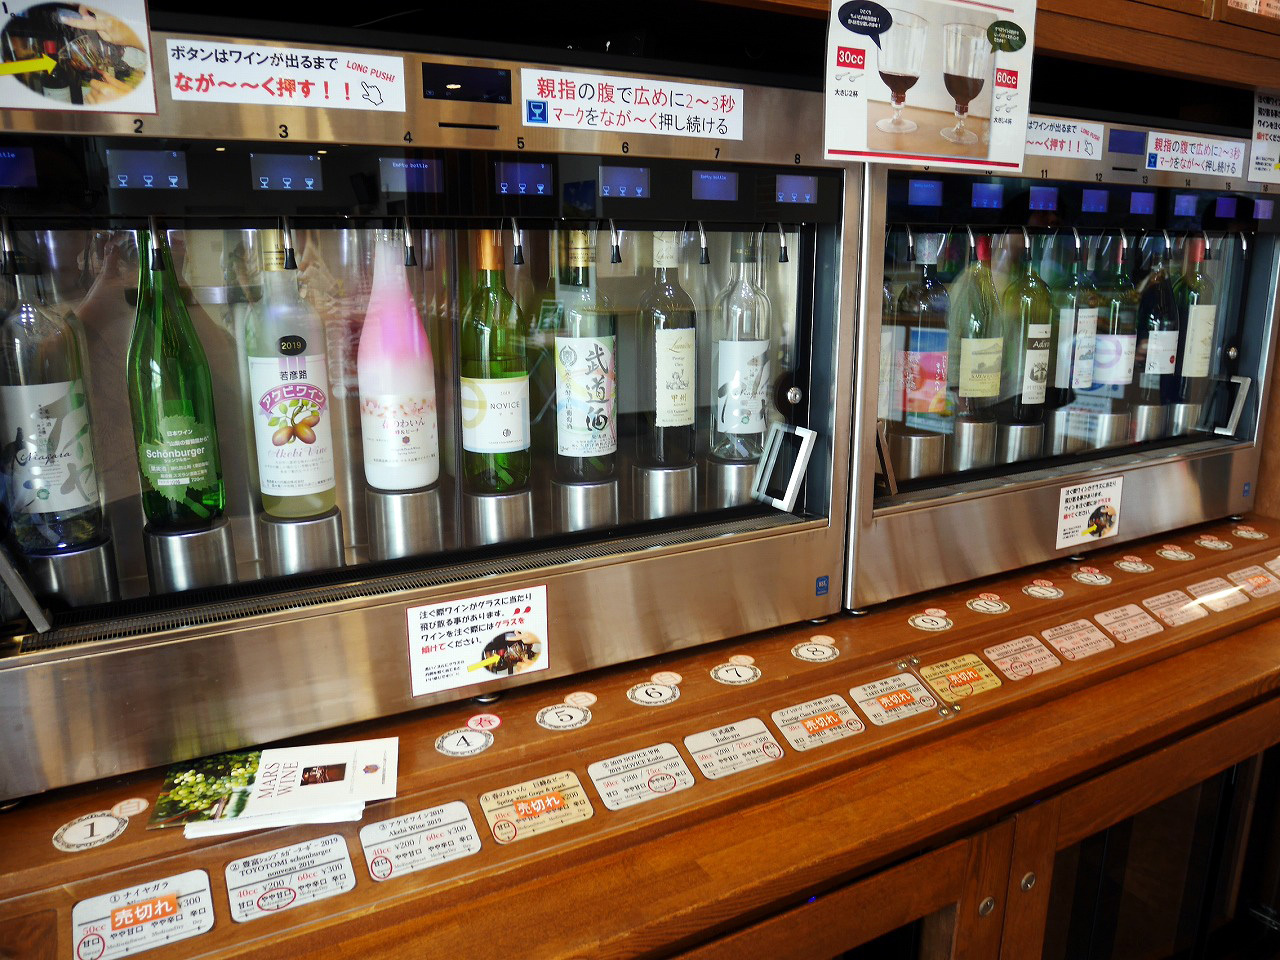 地元ワインのちょい飲みと足湯が楽しめる「石和温泉駅」